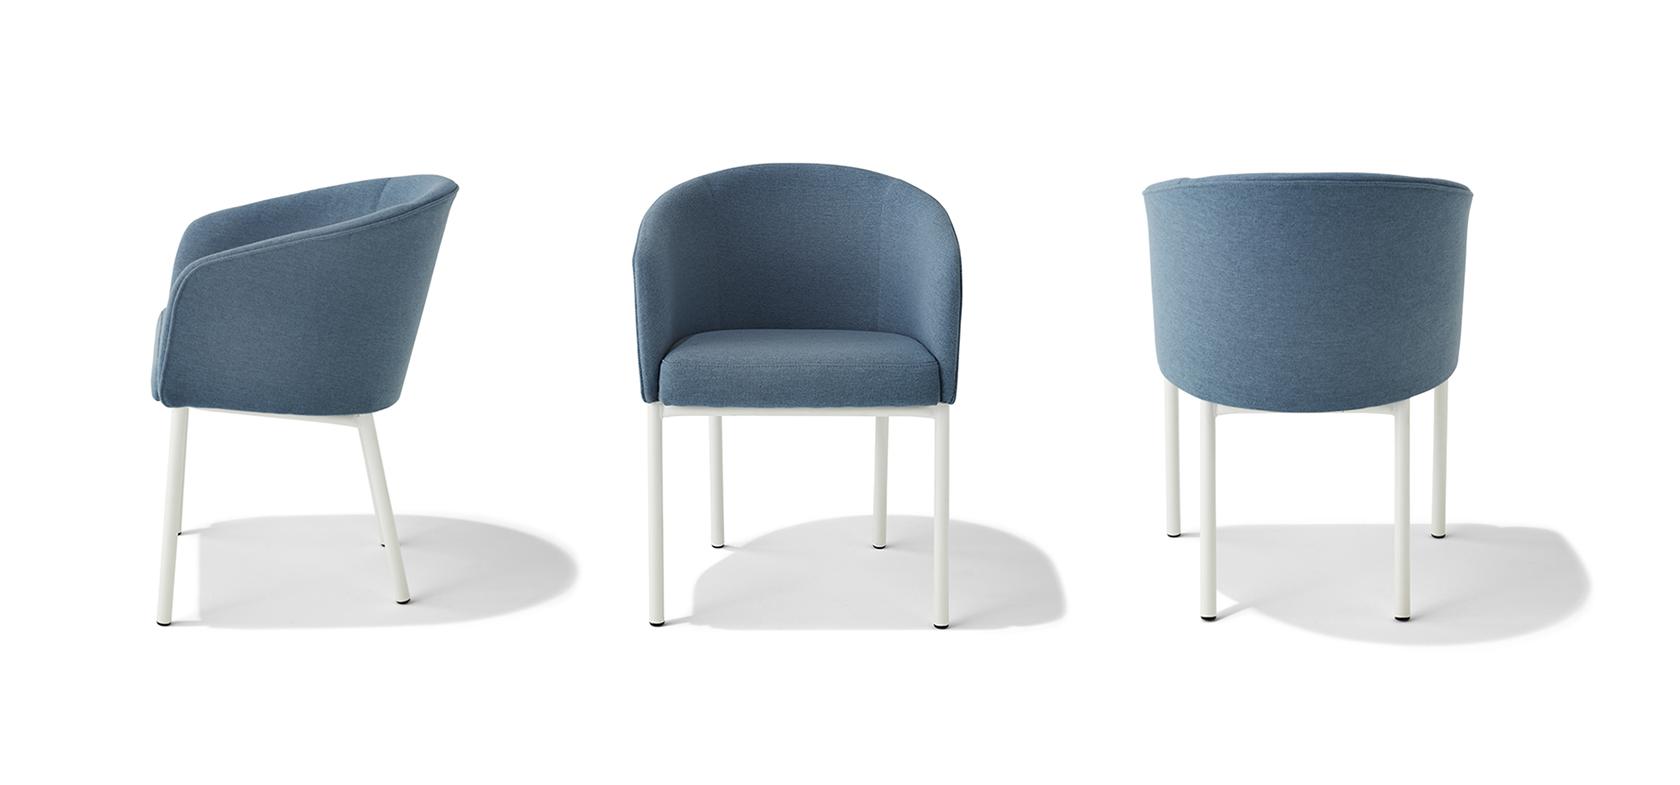 Presto Chair